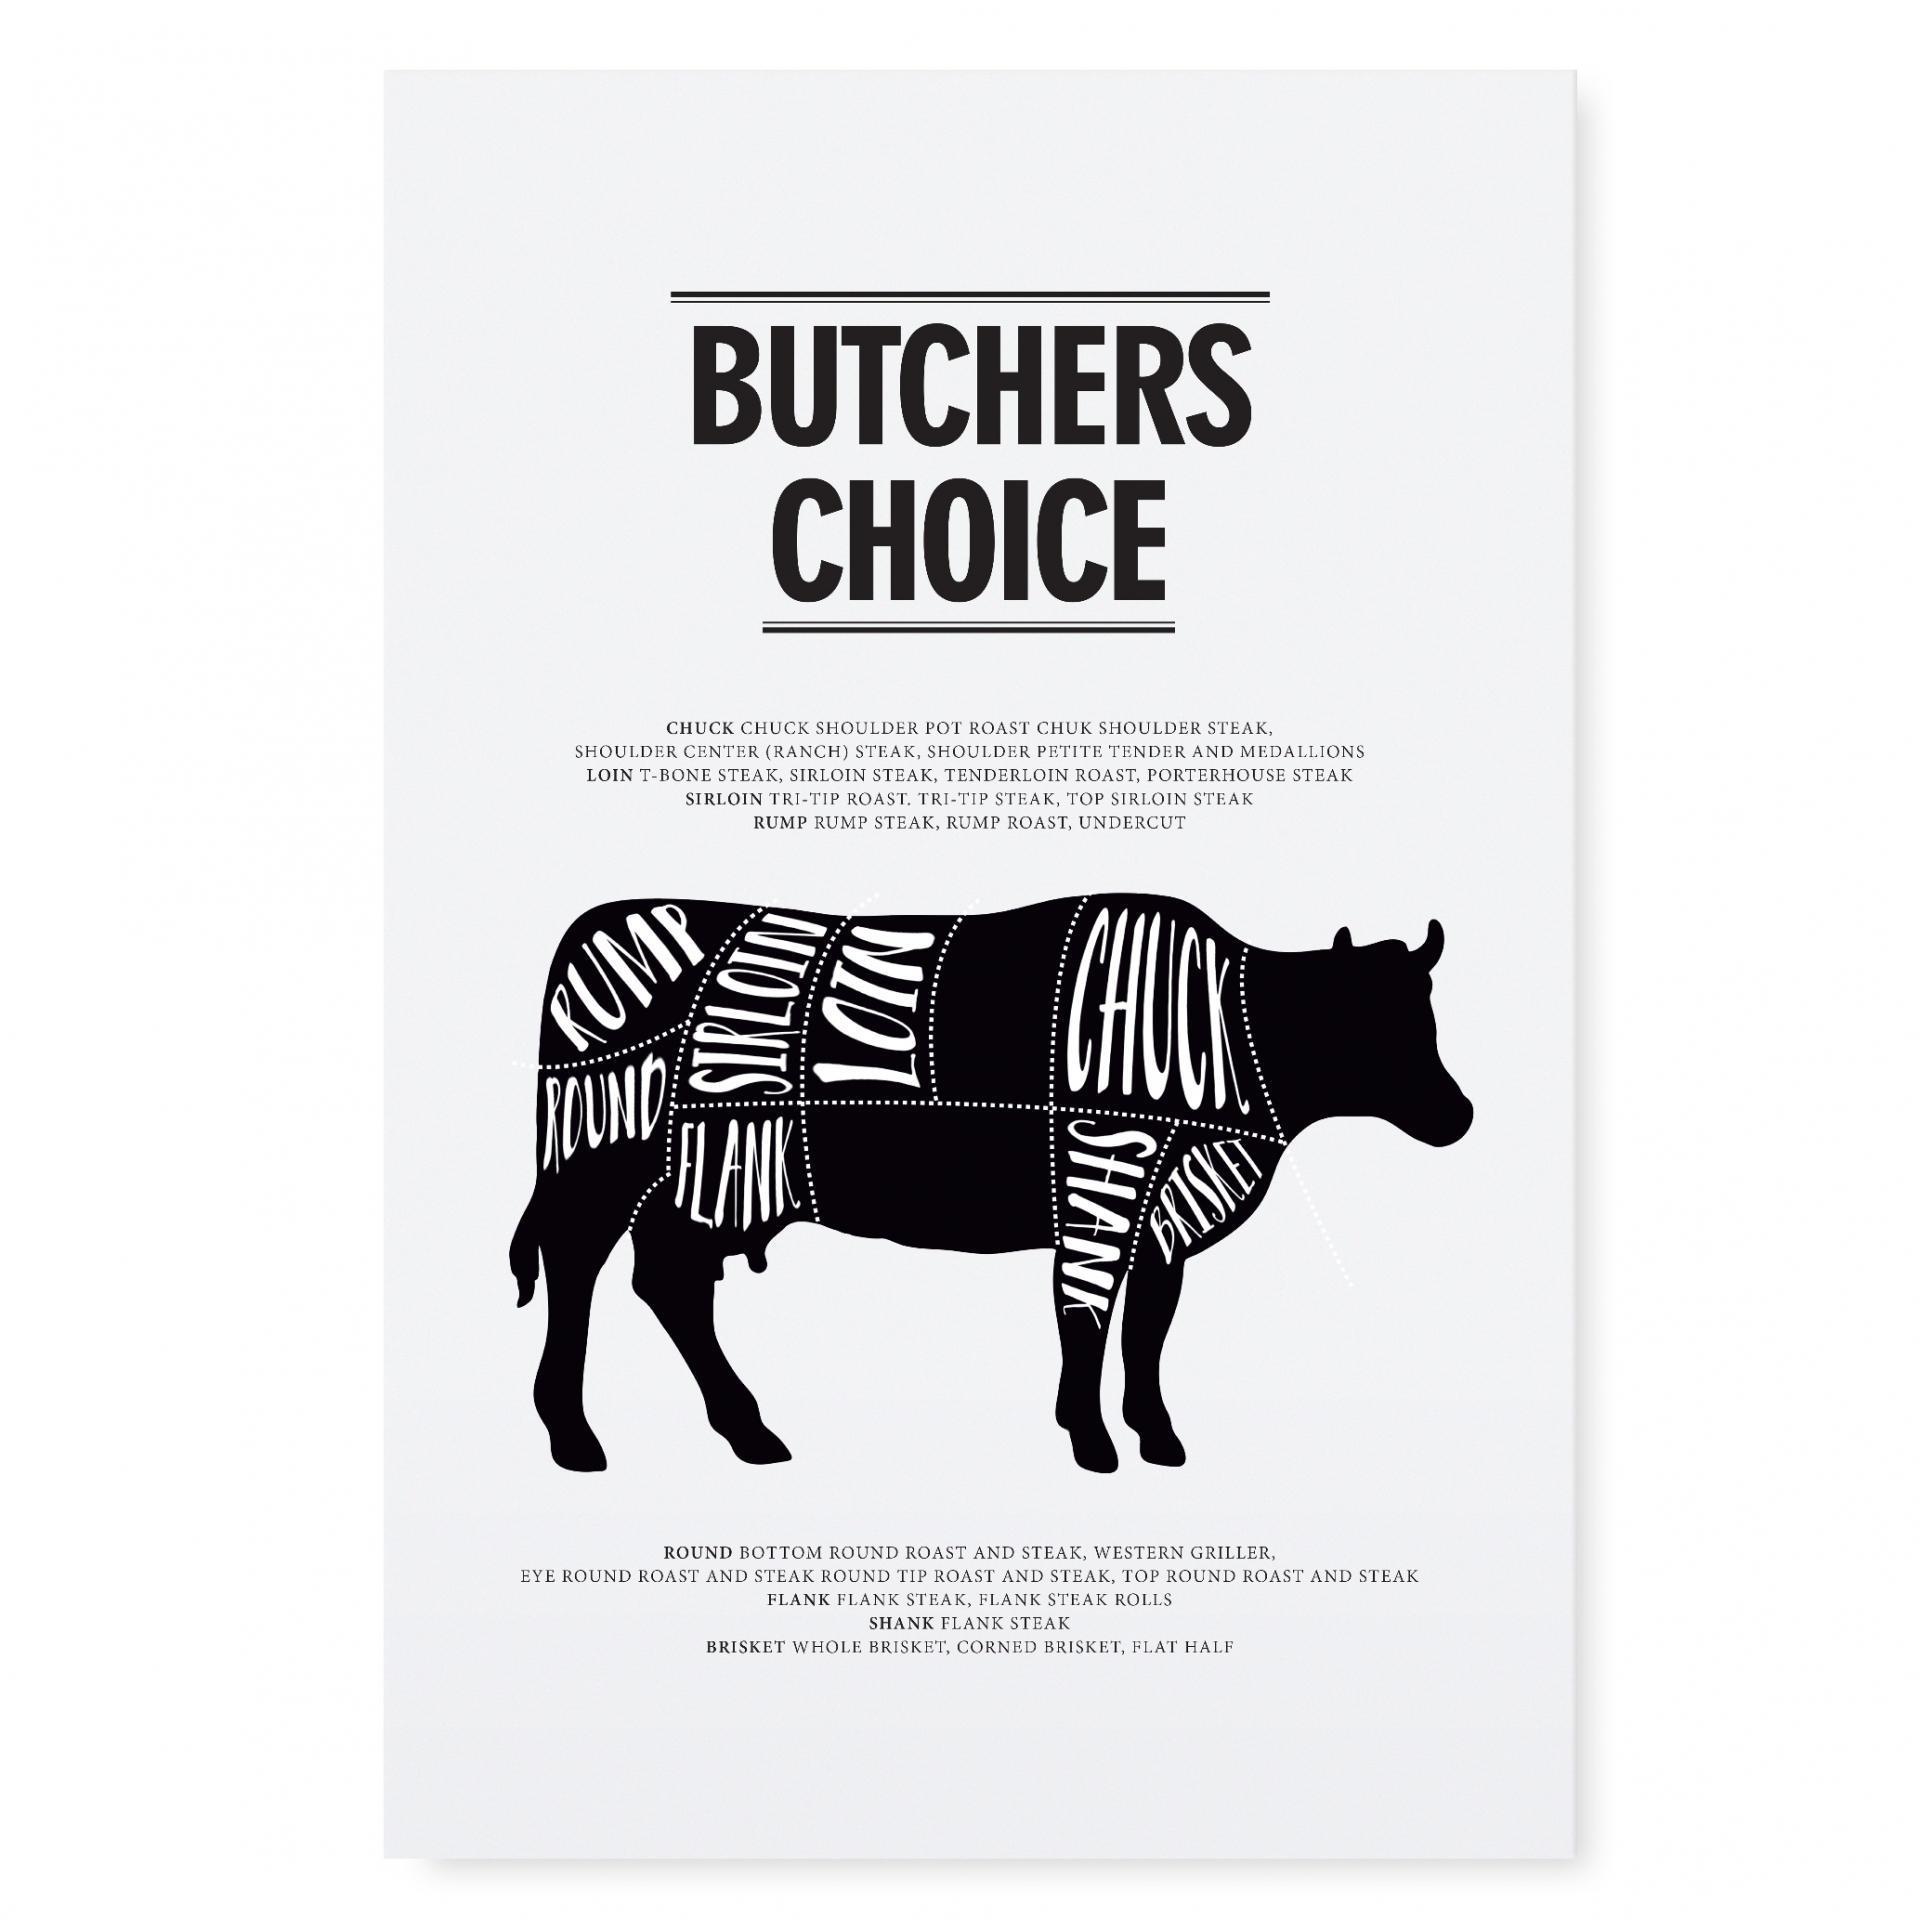 TAFELGUT Plakát Butchers choice 30x42, černá barva, bílá barva, papír